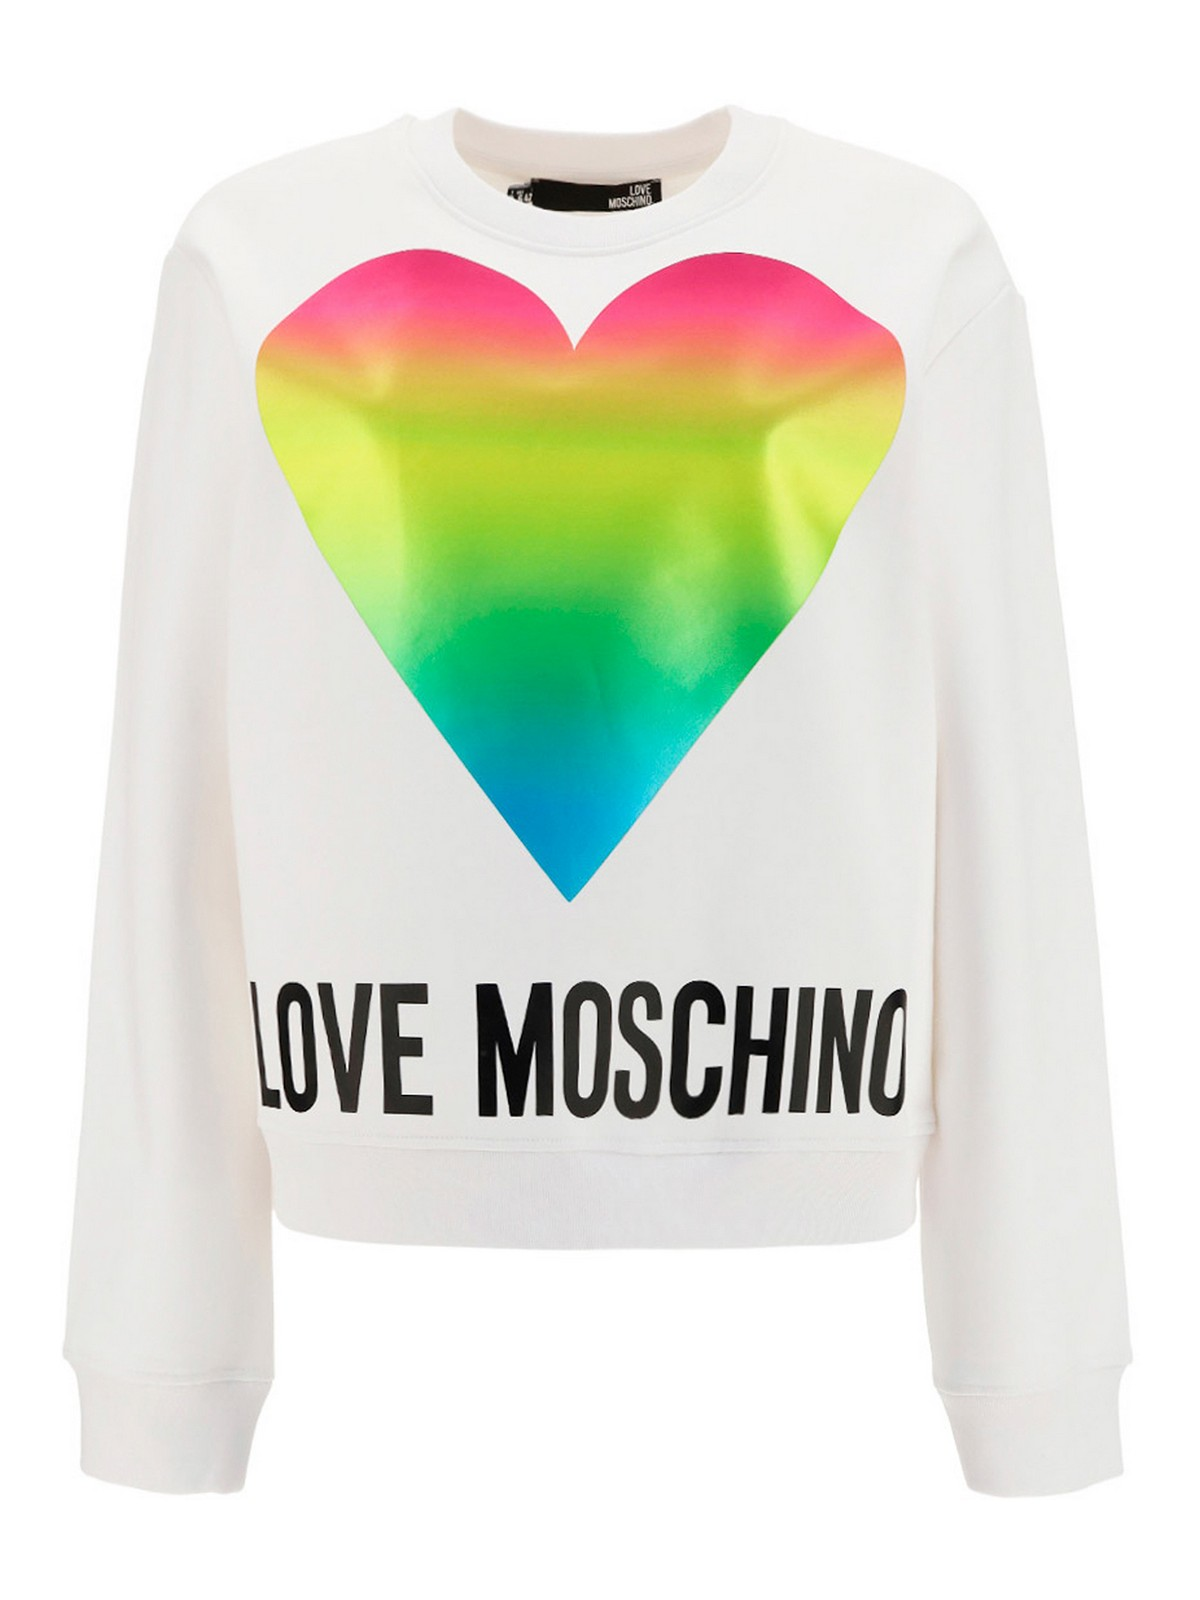 Love Moschino HEART LOGO COTTON SWEATSHIRT